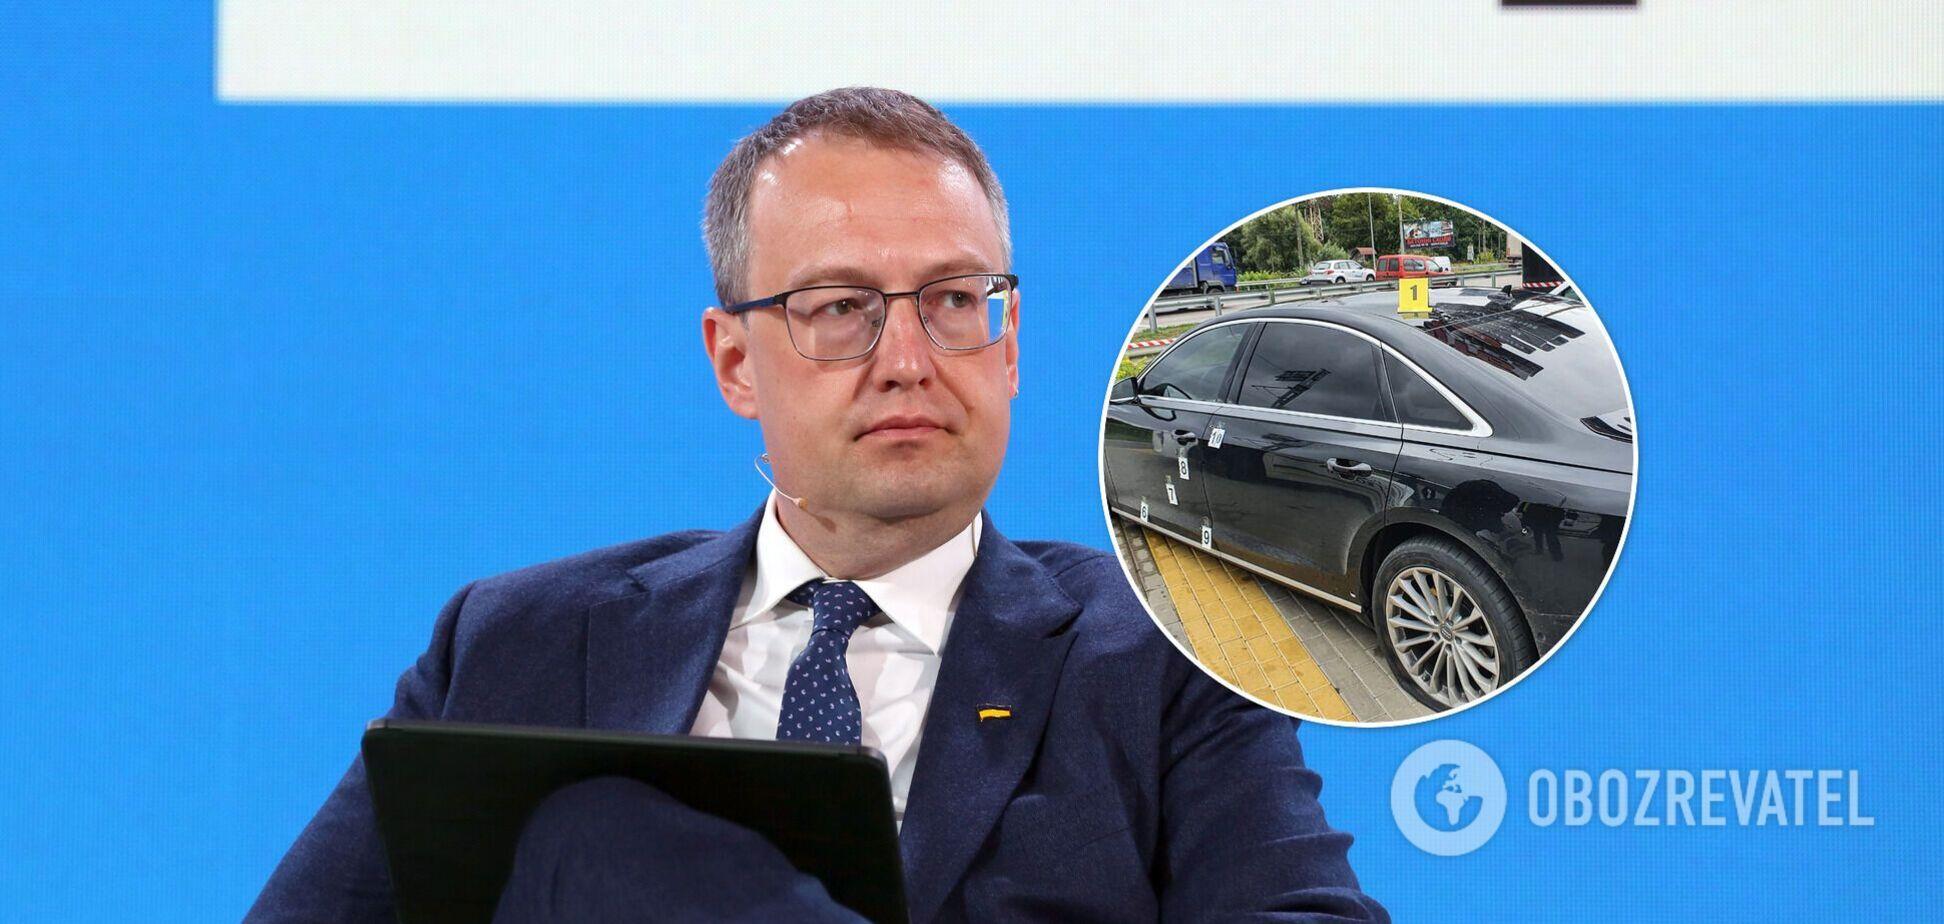 Стрелявшего в машину Шефира могут не найти, – Геращенко